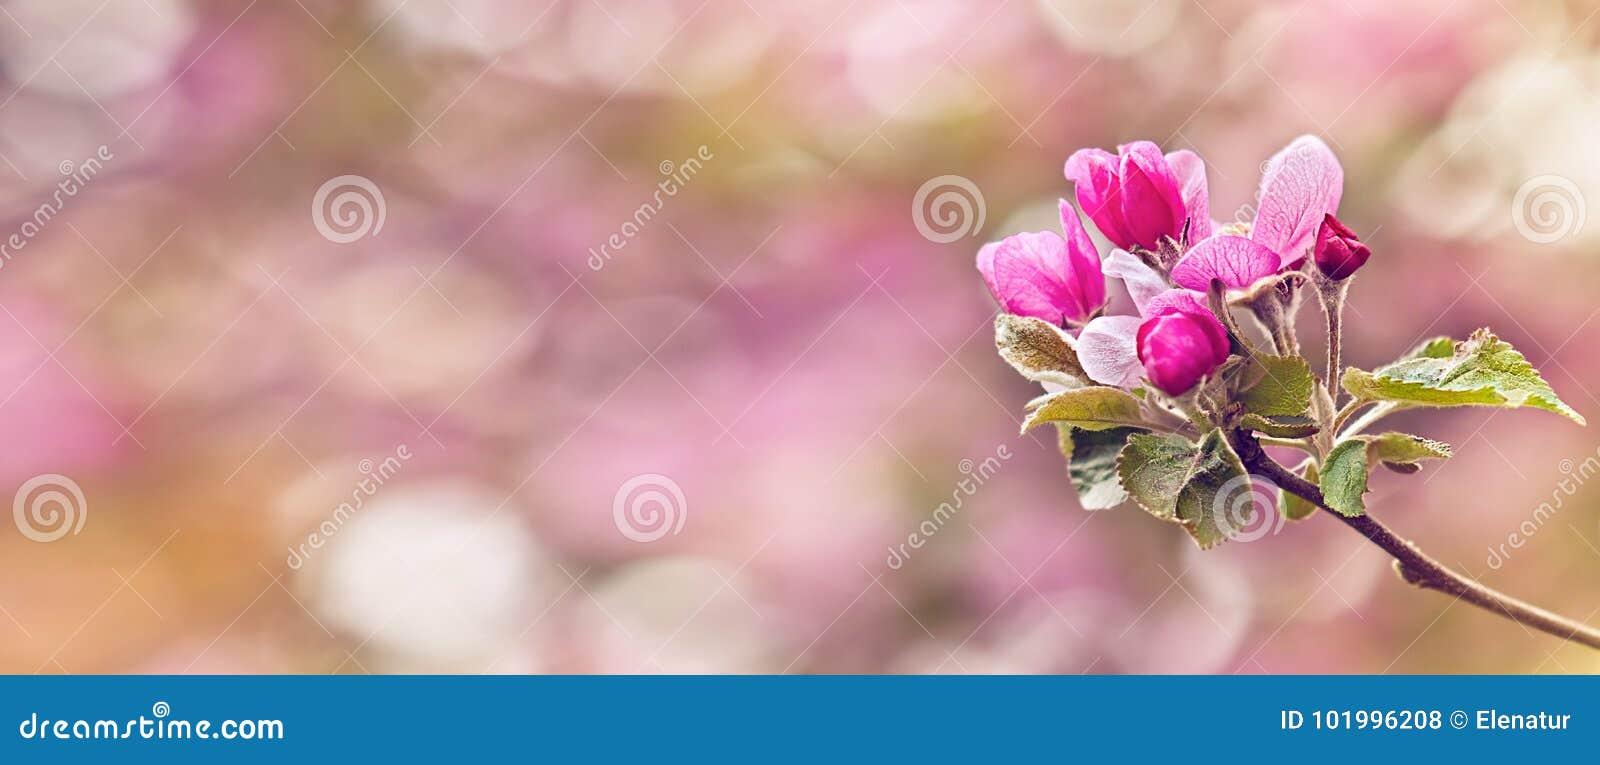 Винтажное фото розовой яблони цветет весной Отмелый dept